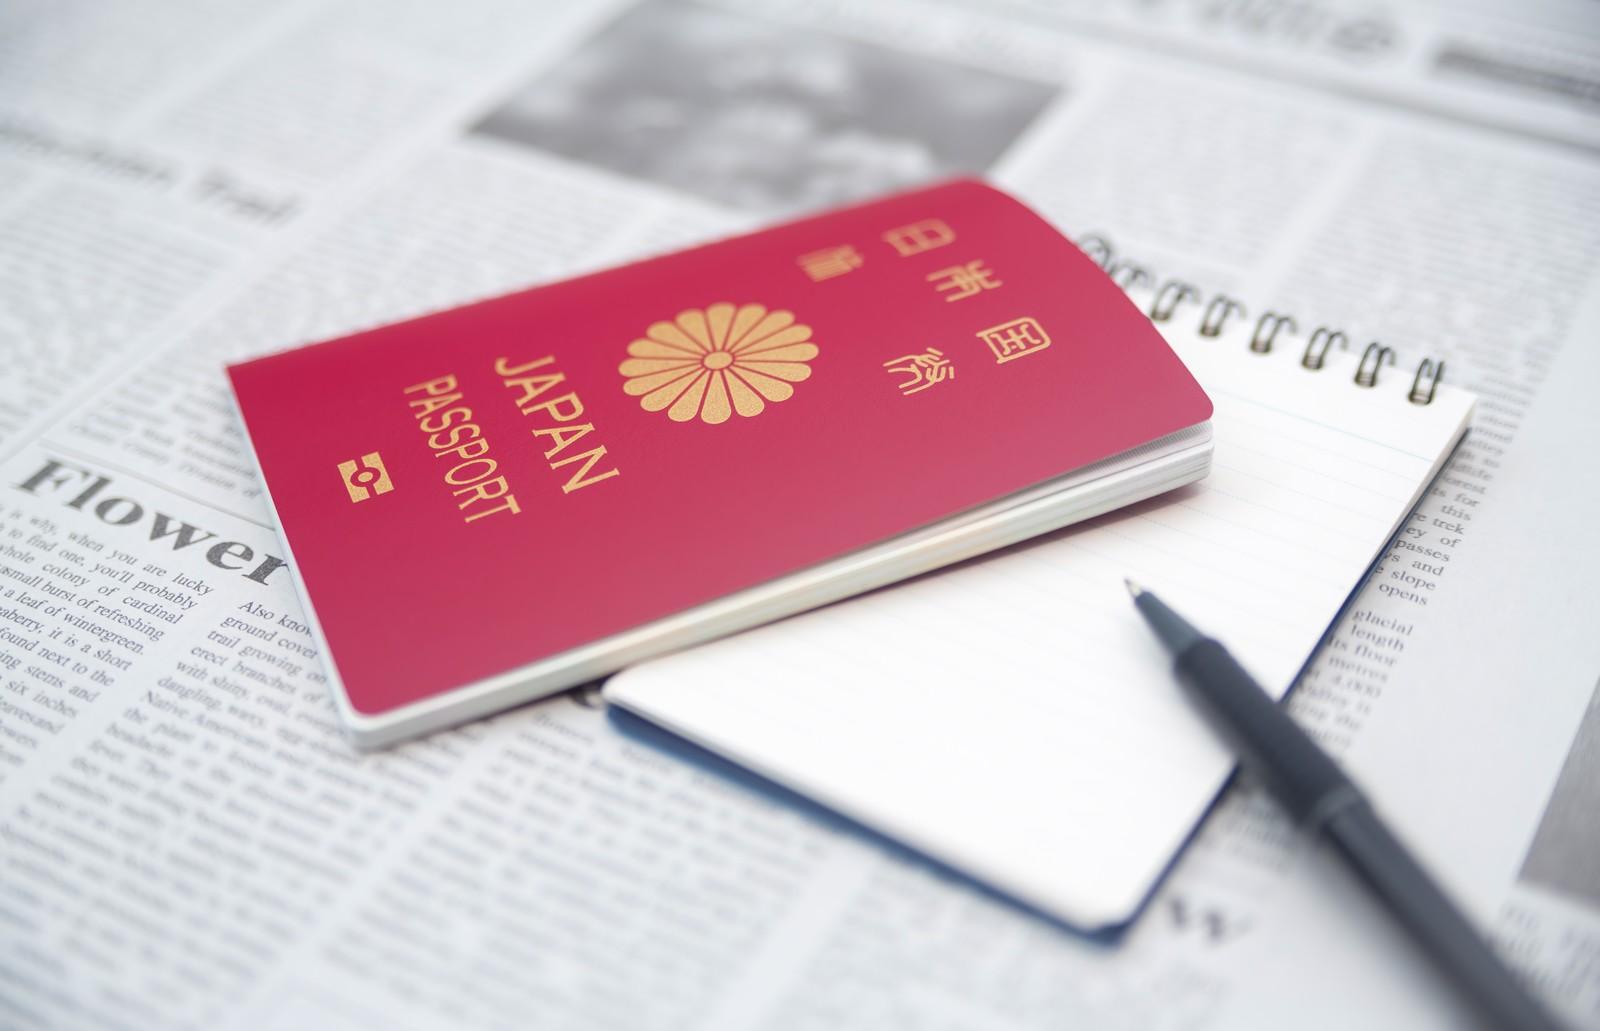 格安航空券でタイに最安で行く方法を伝授するよ【わかりやすく解説】